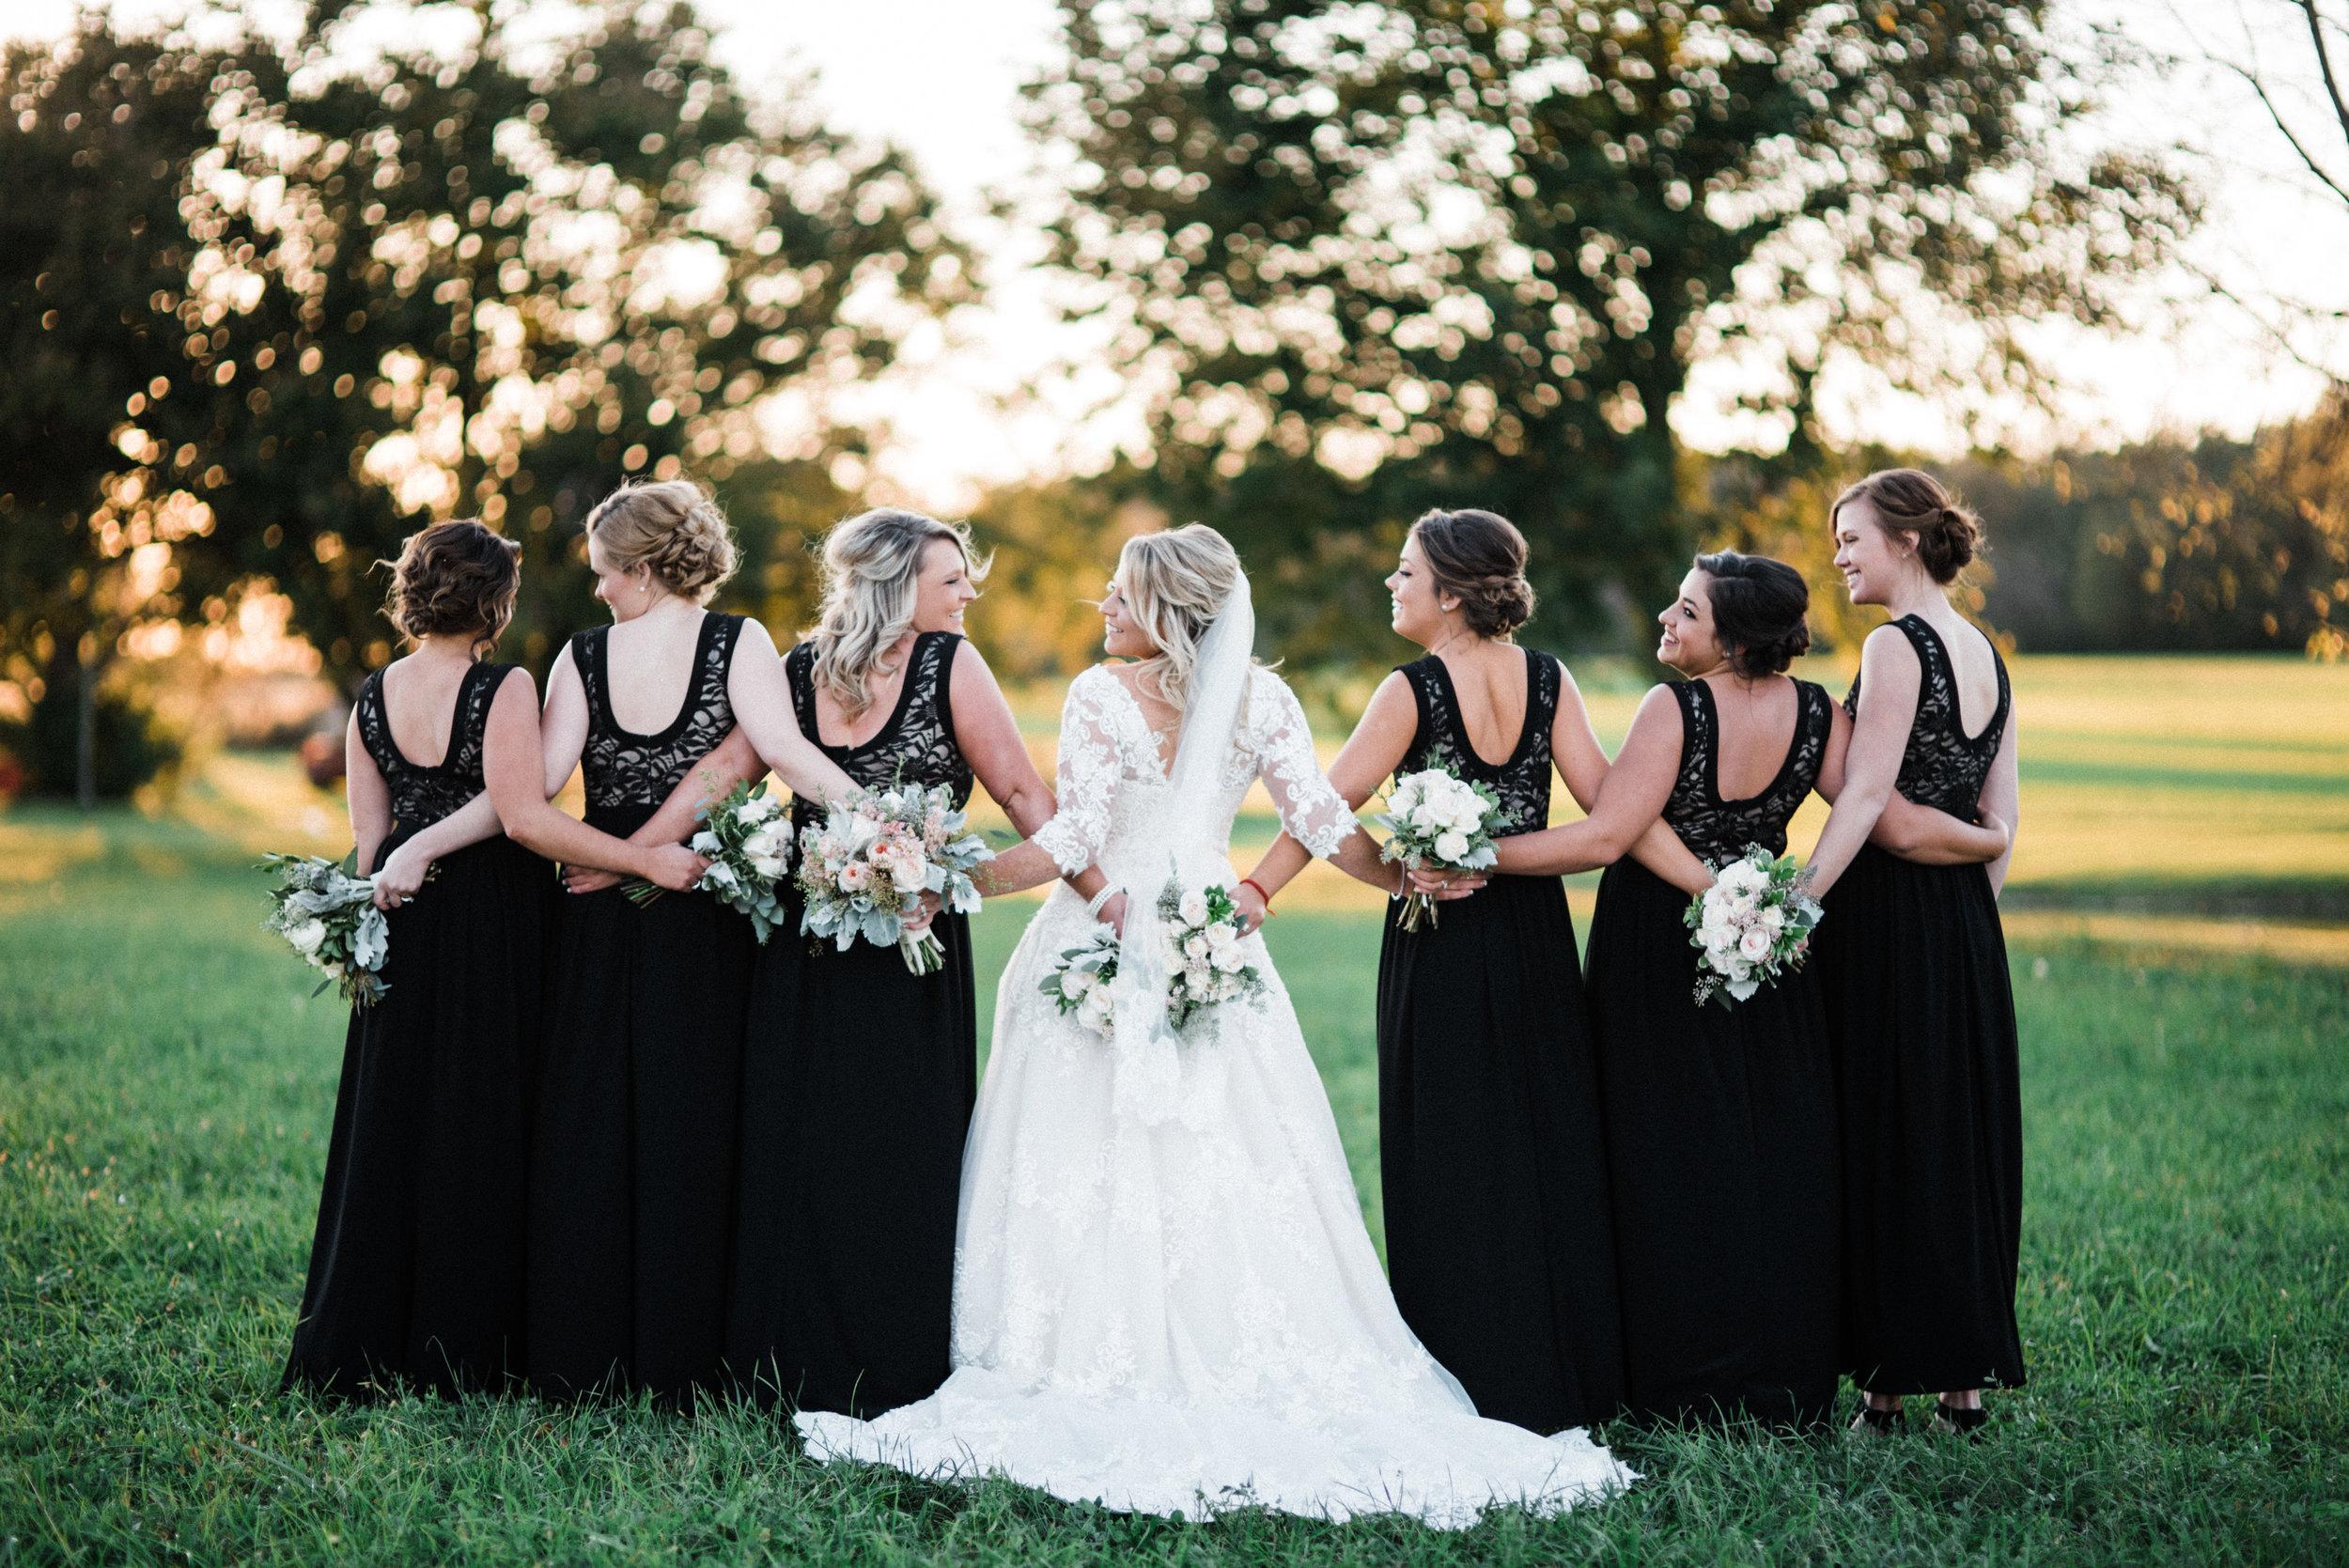 dayton wedding photographer-17.jpg